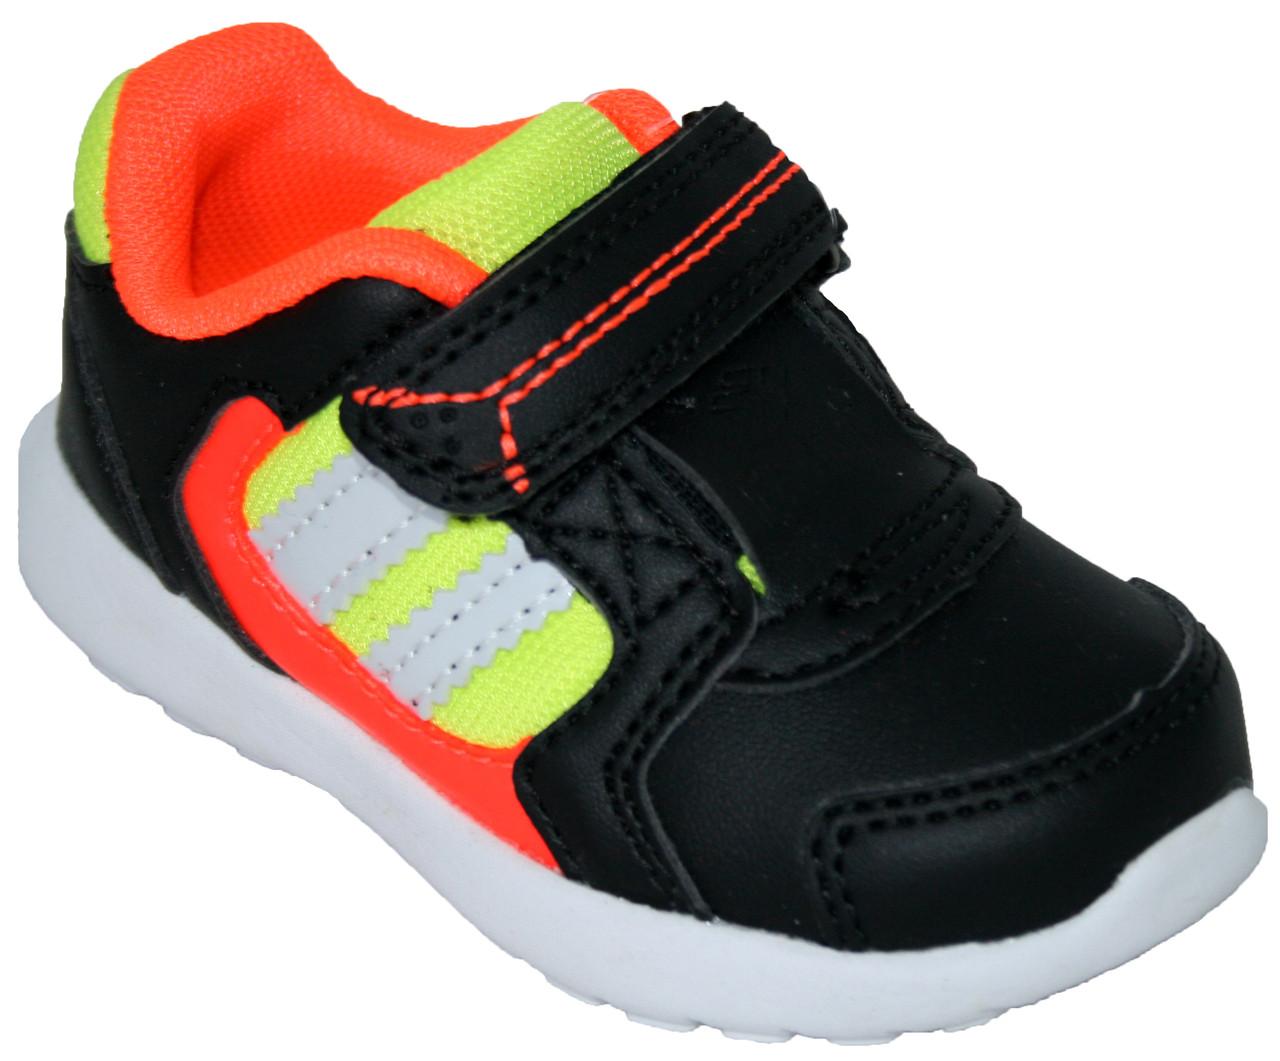 Дитячі кросівки для хлопчика AX Boxing Польща розміри 21-26